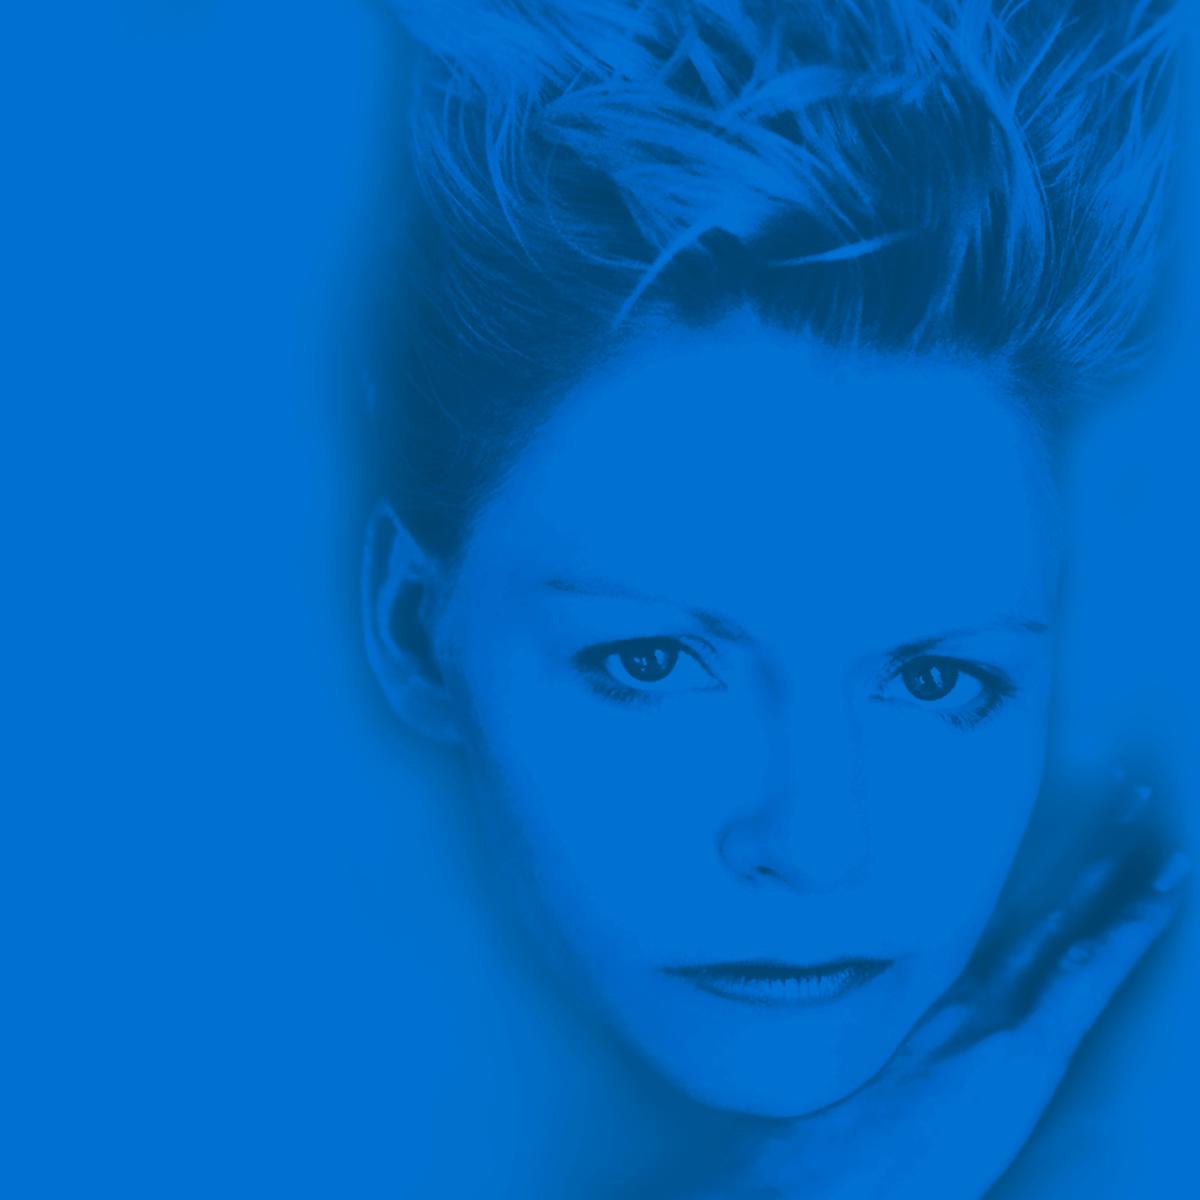 Beata Pater's Blue album cover